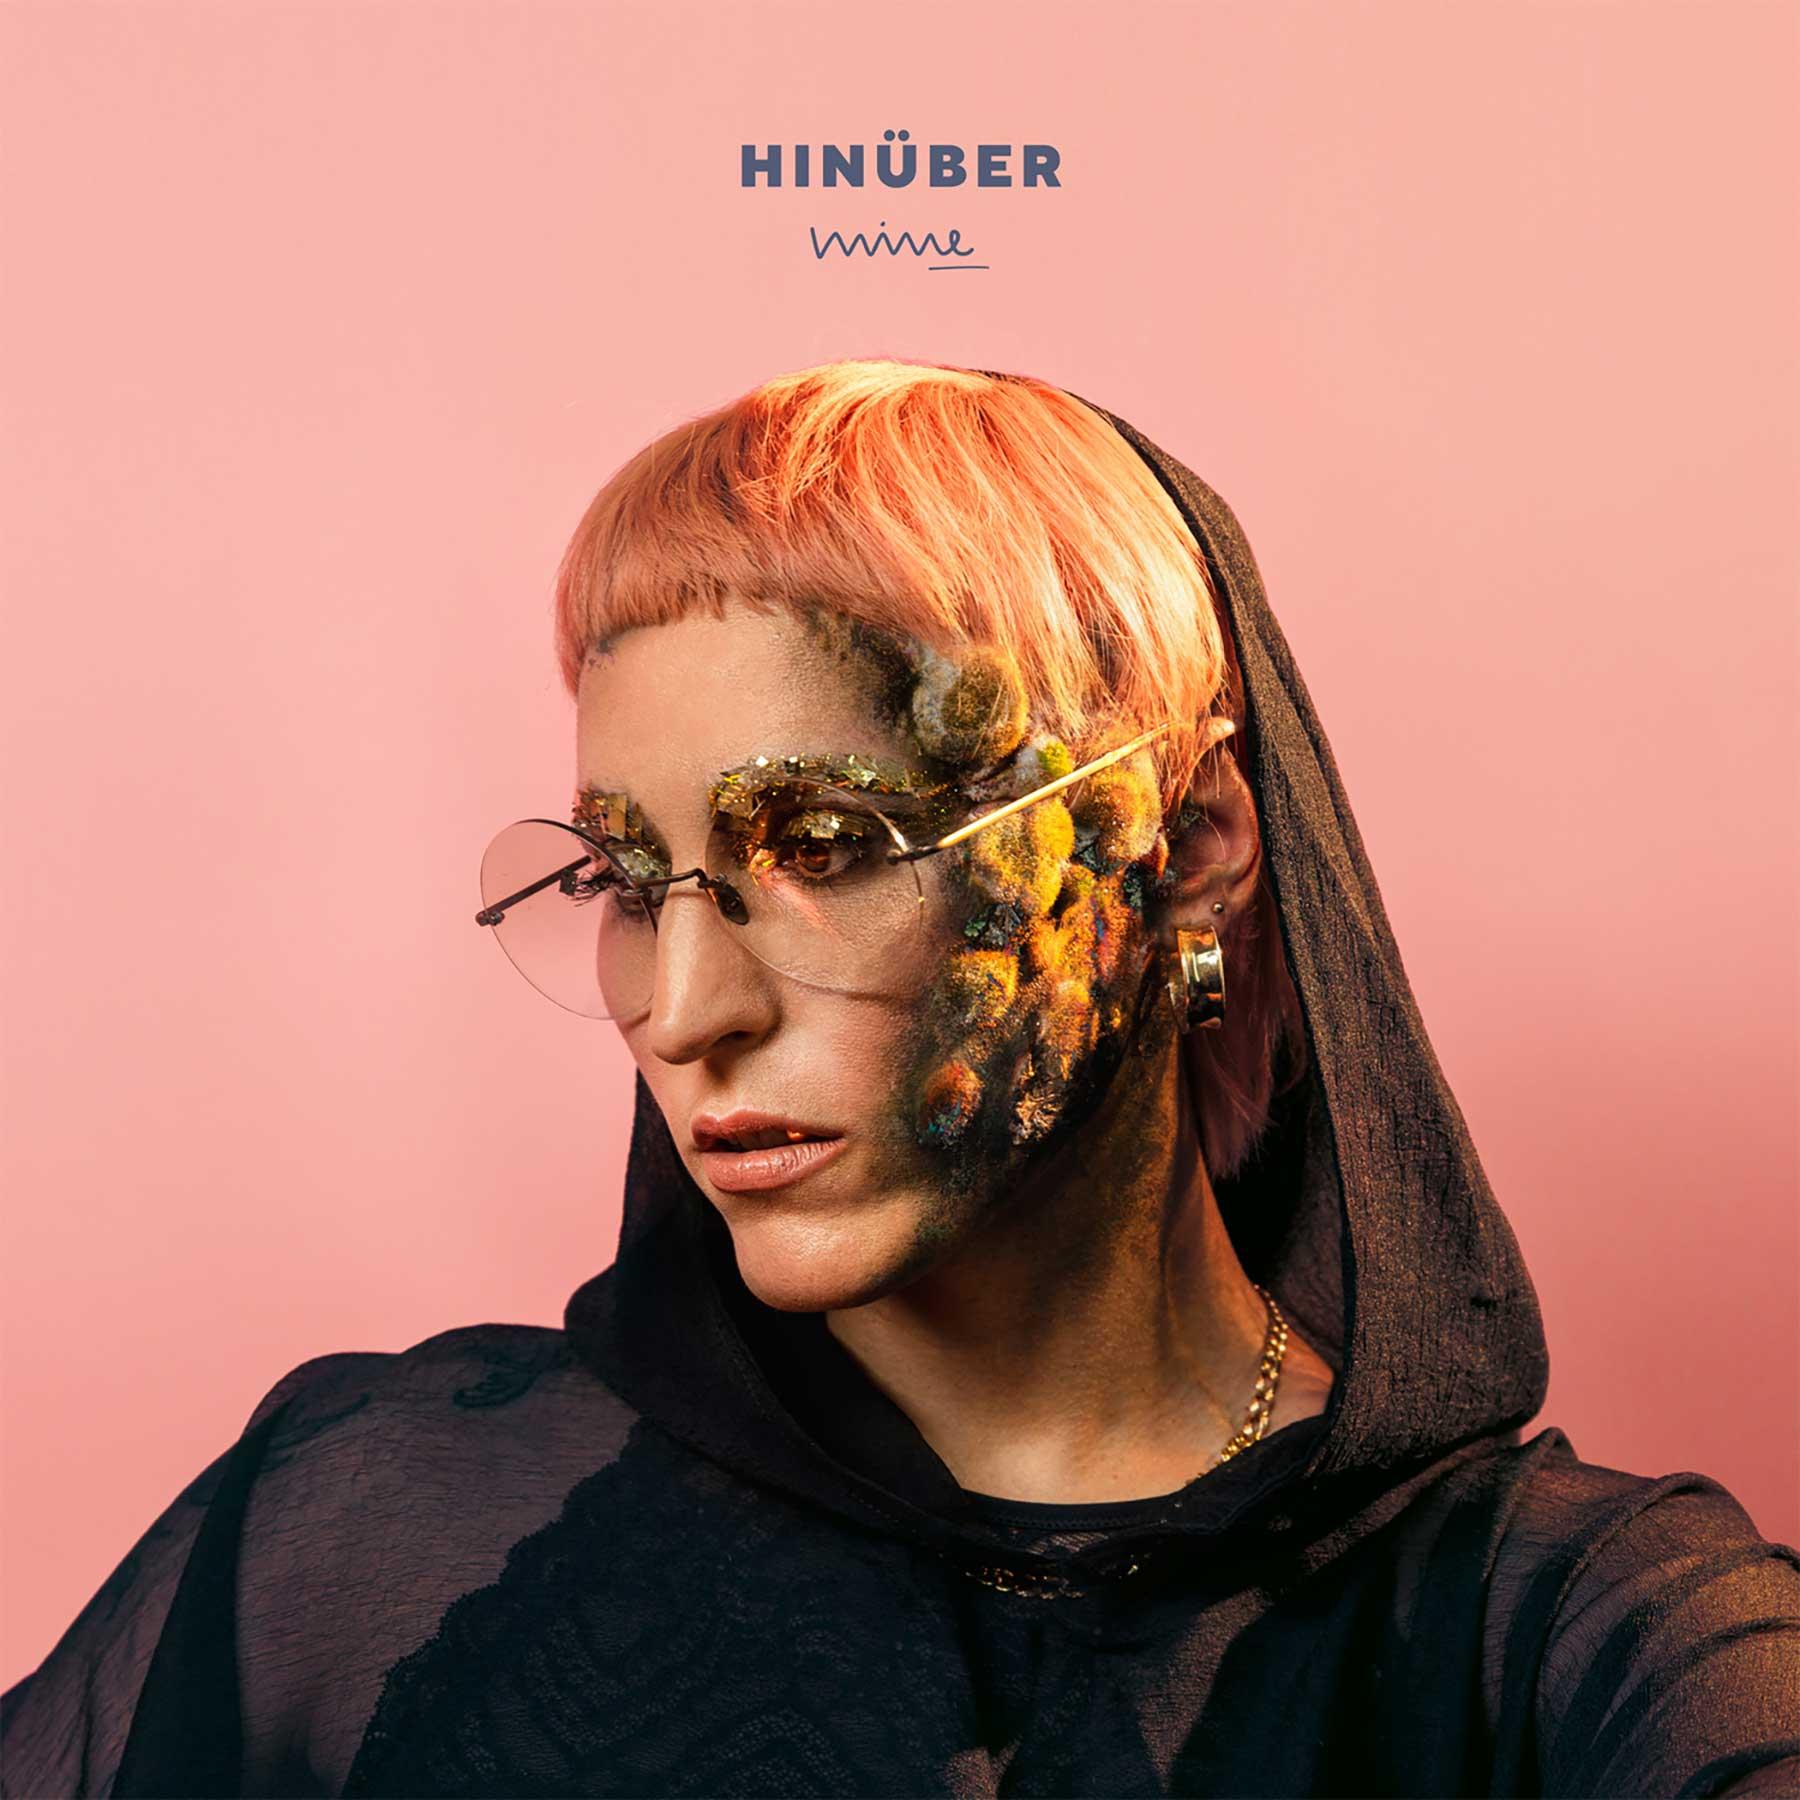 """Mine veröffentlicht neue Single """"Unfall"""" nur als Text mit Noten Mine-Hinueber-Albumcover"""